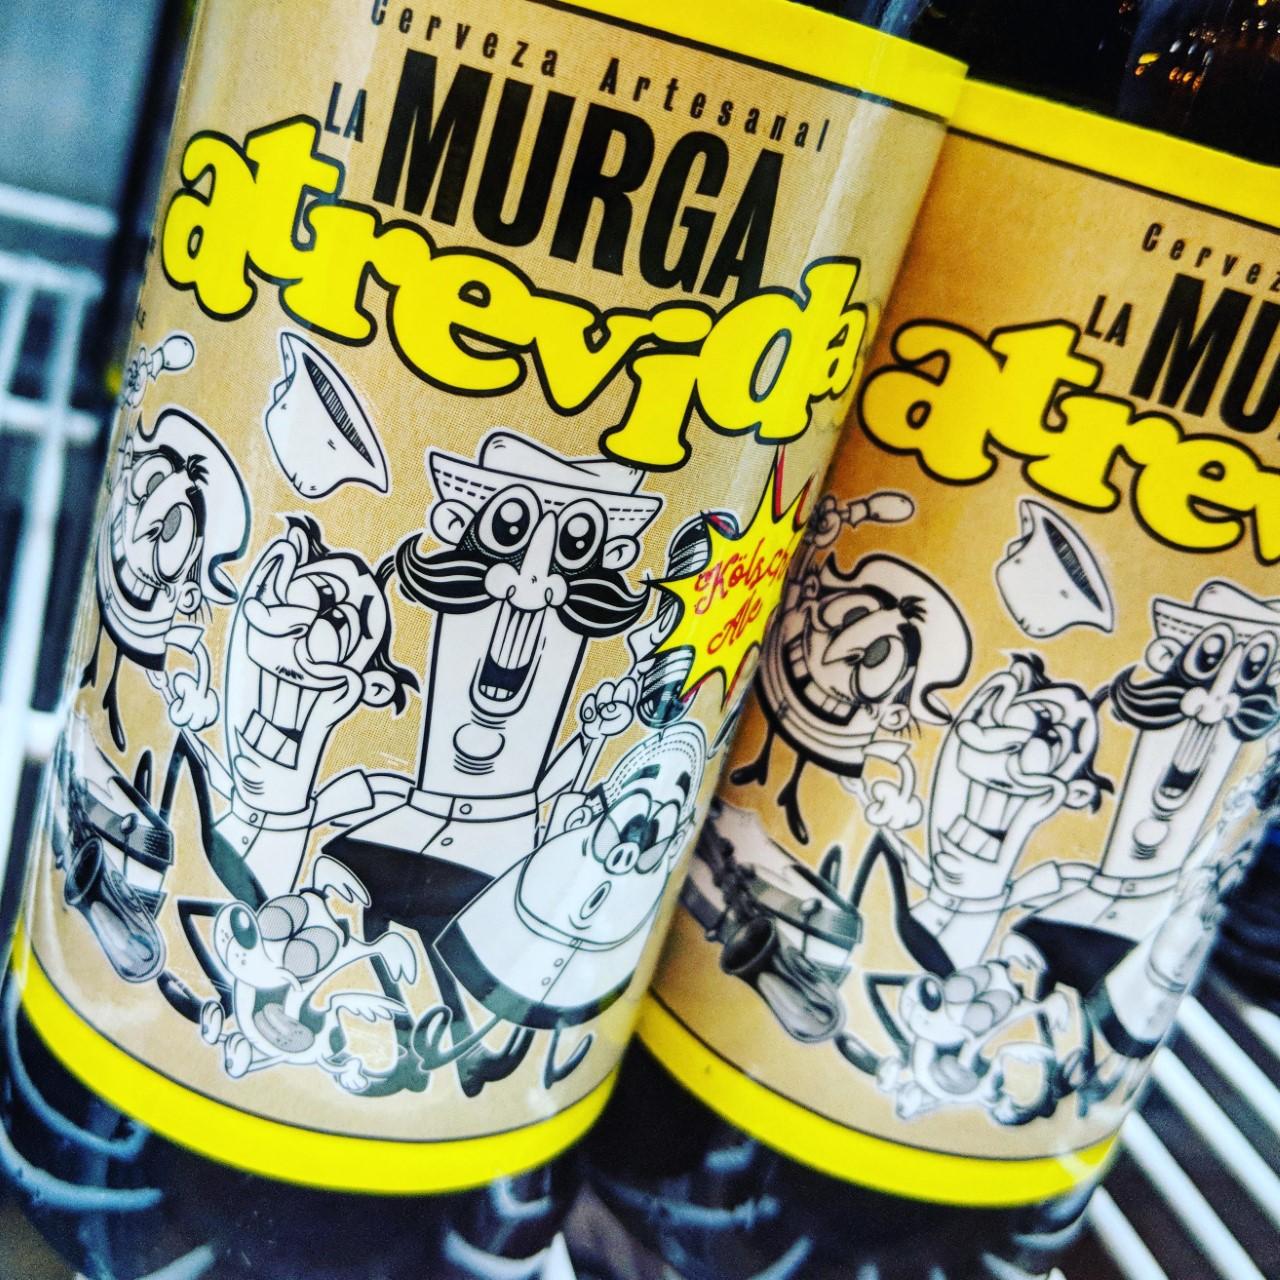 Обзор пива. La Murga Atrevida.